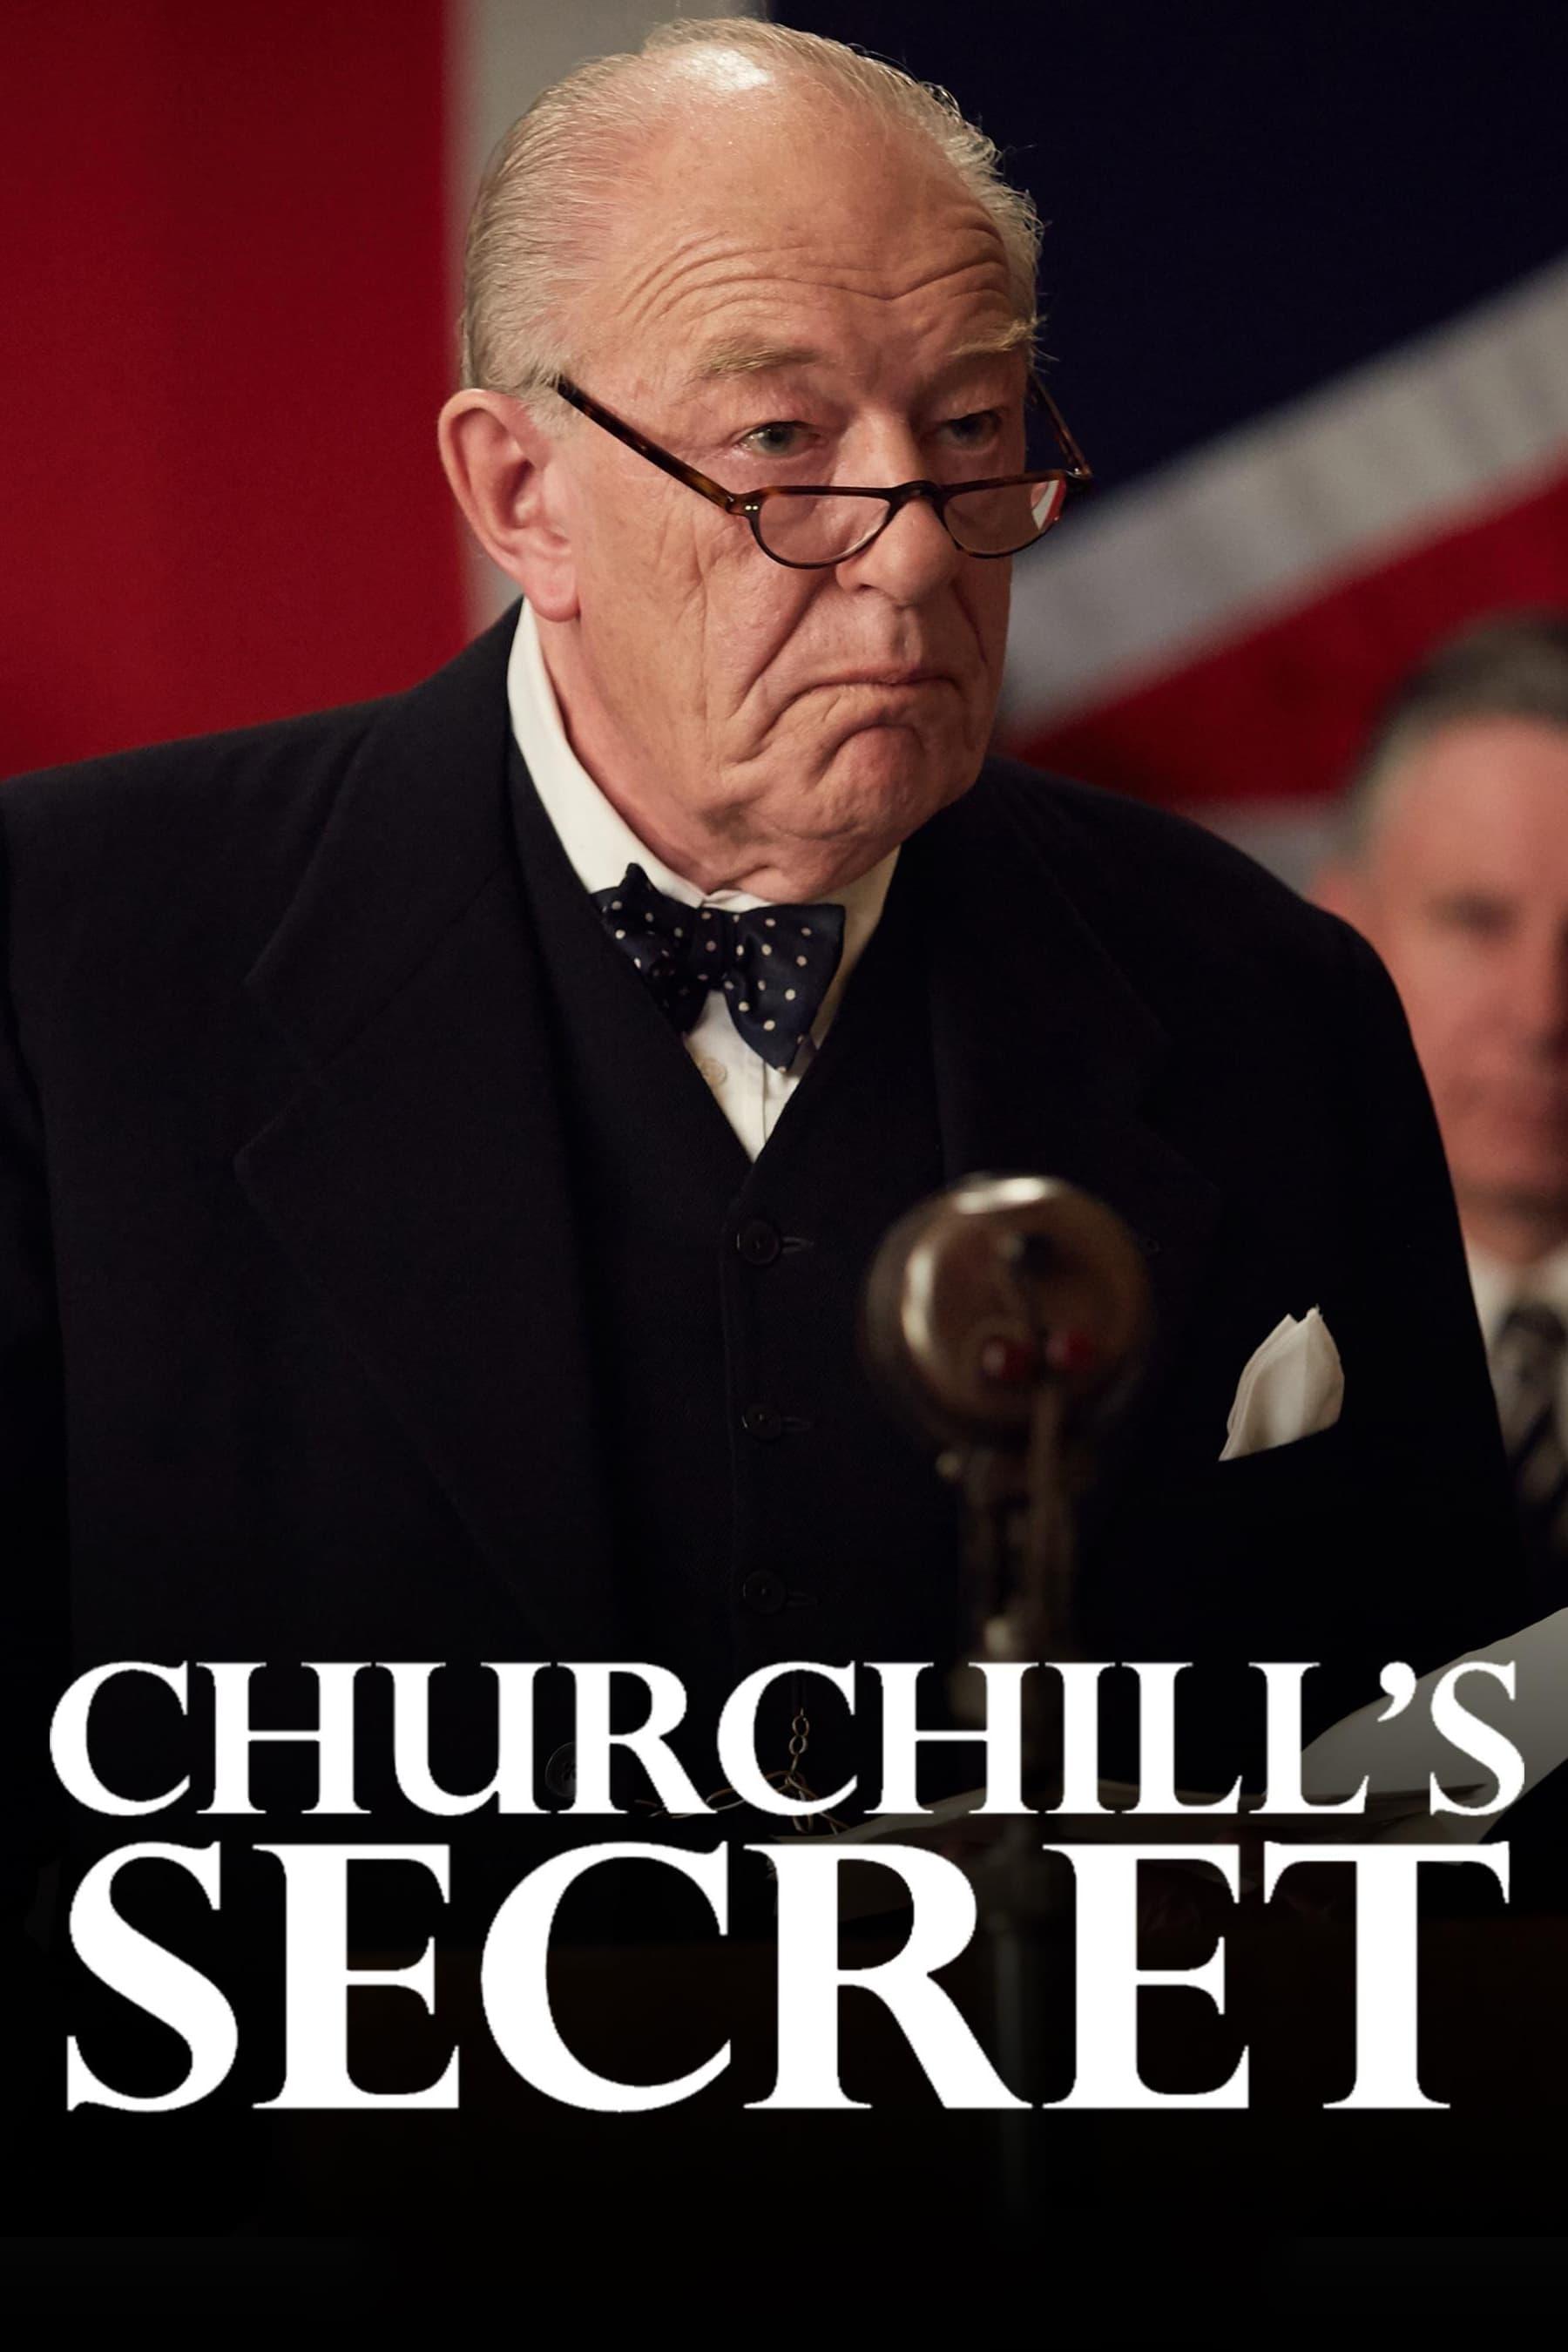 Churchill's Secret